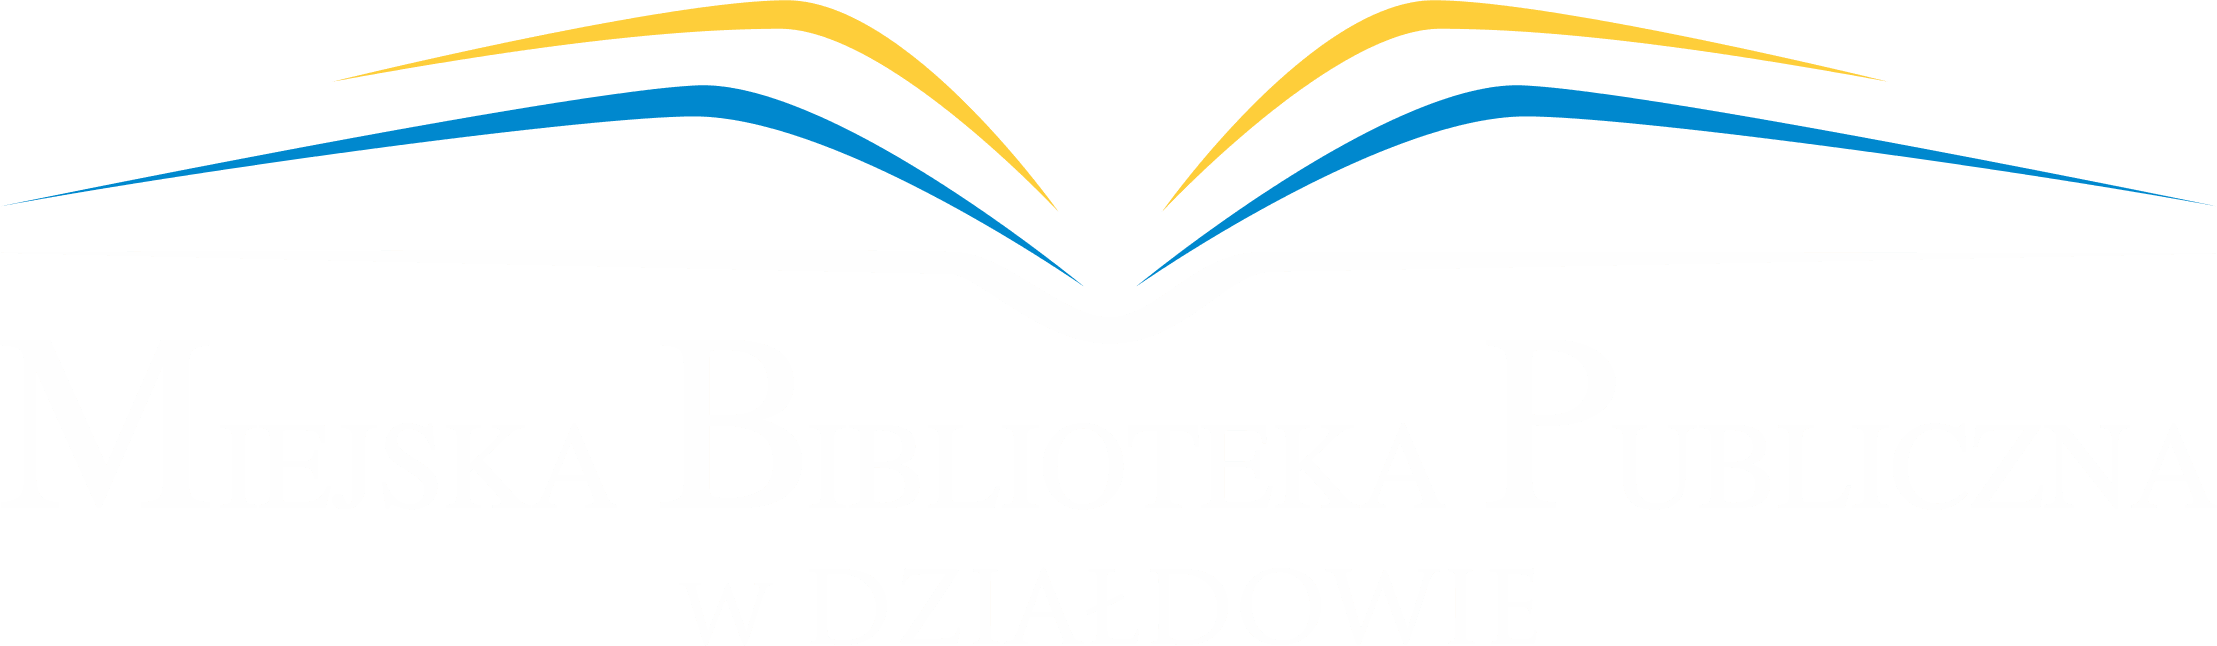 mbpdzialdowo.pl